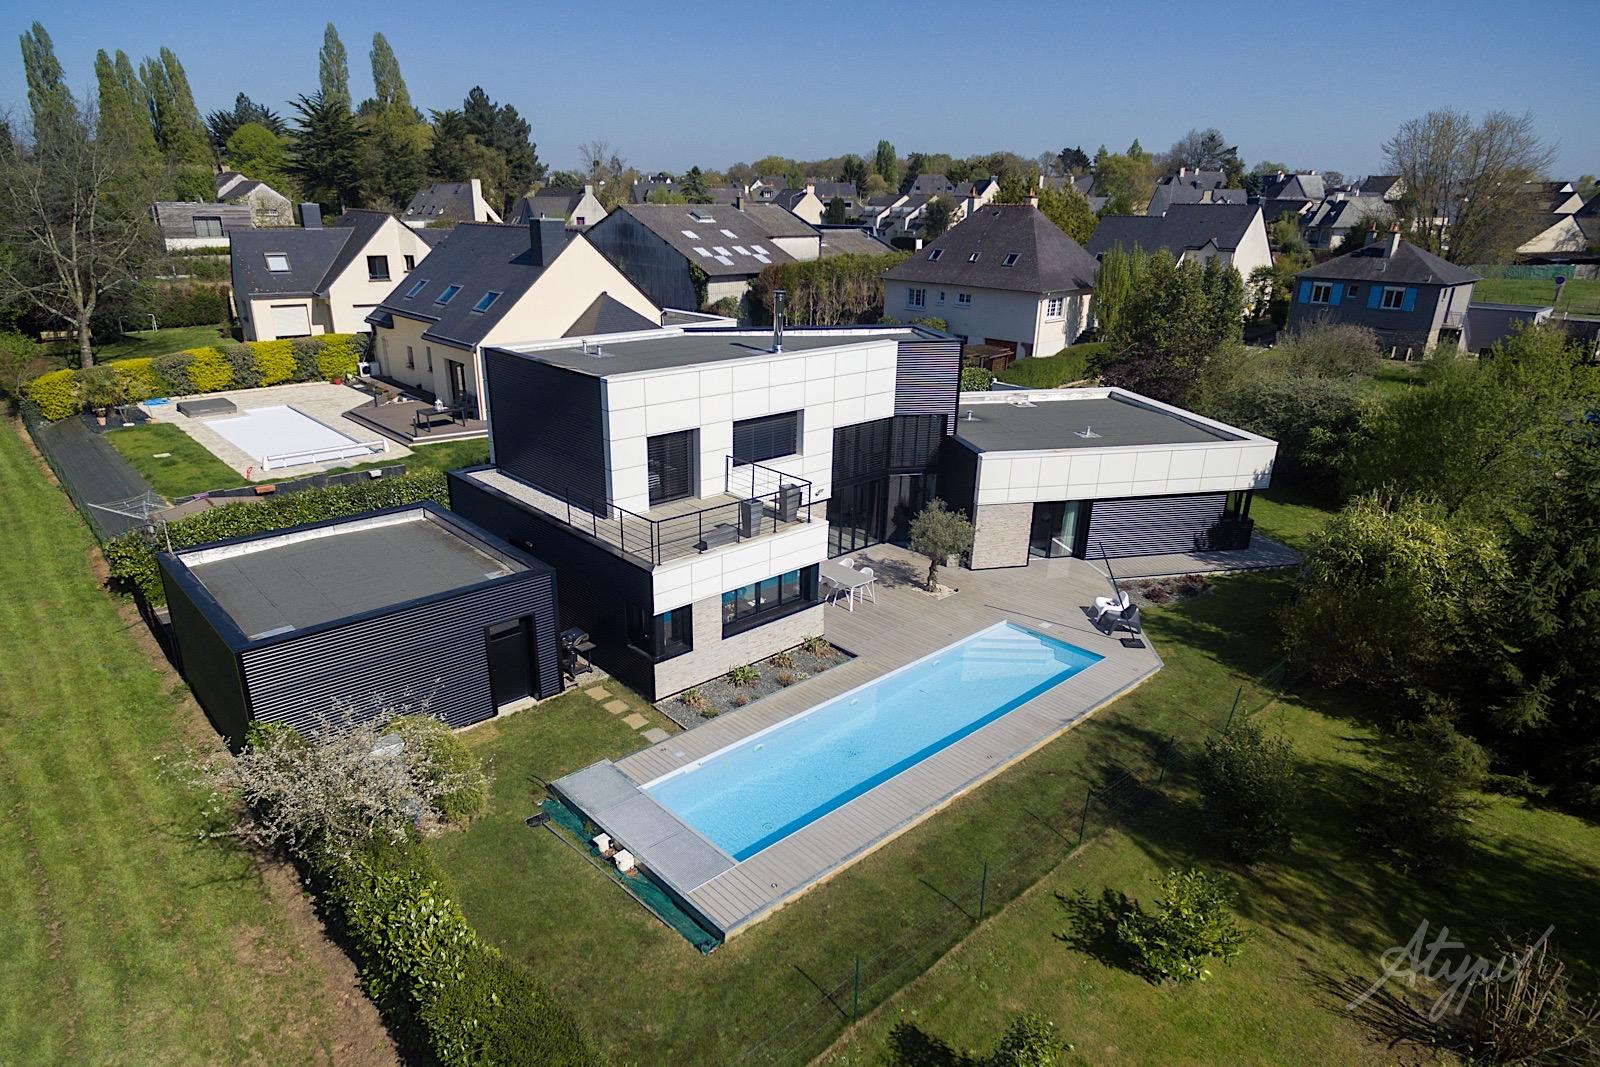 maison luxe vue par drone